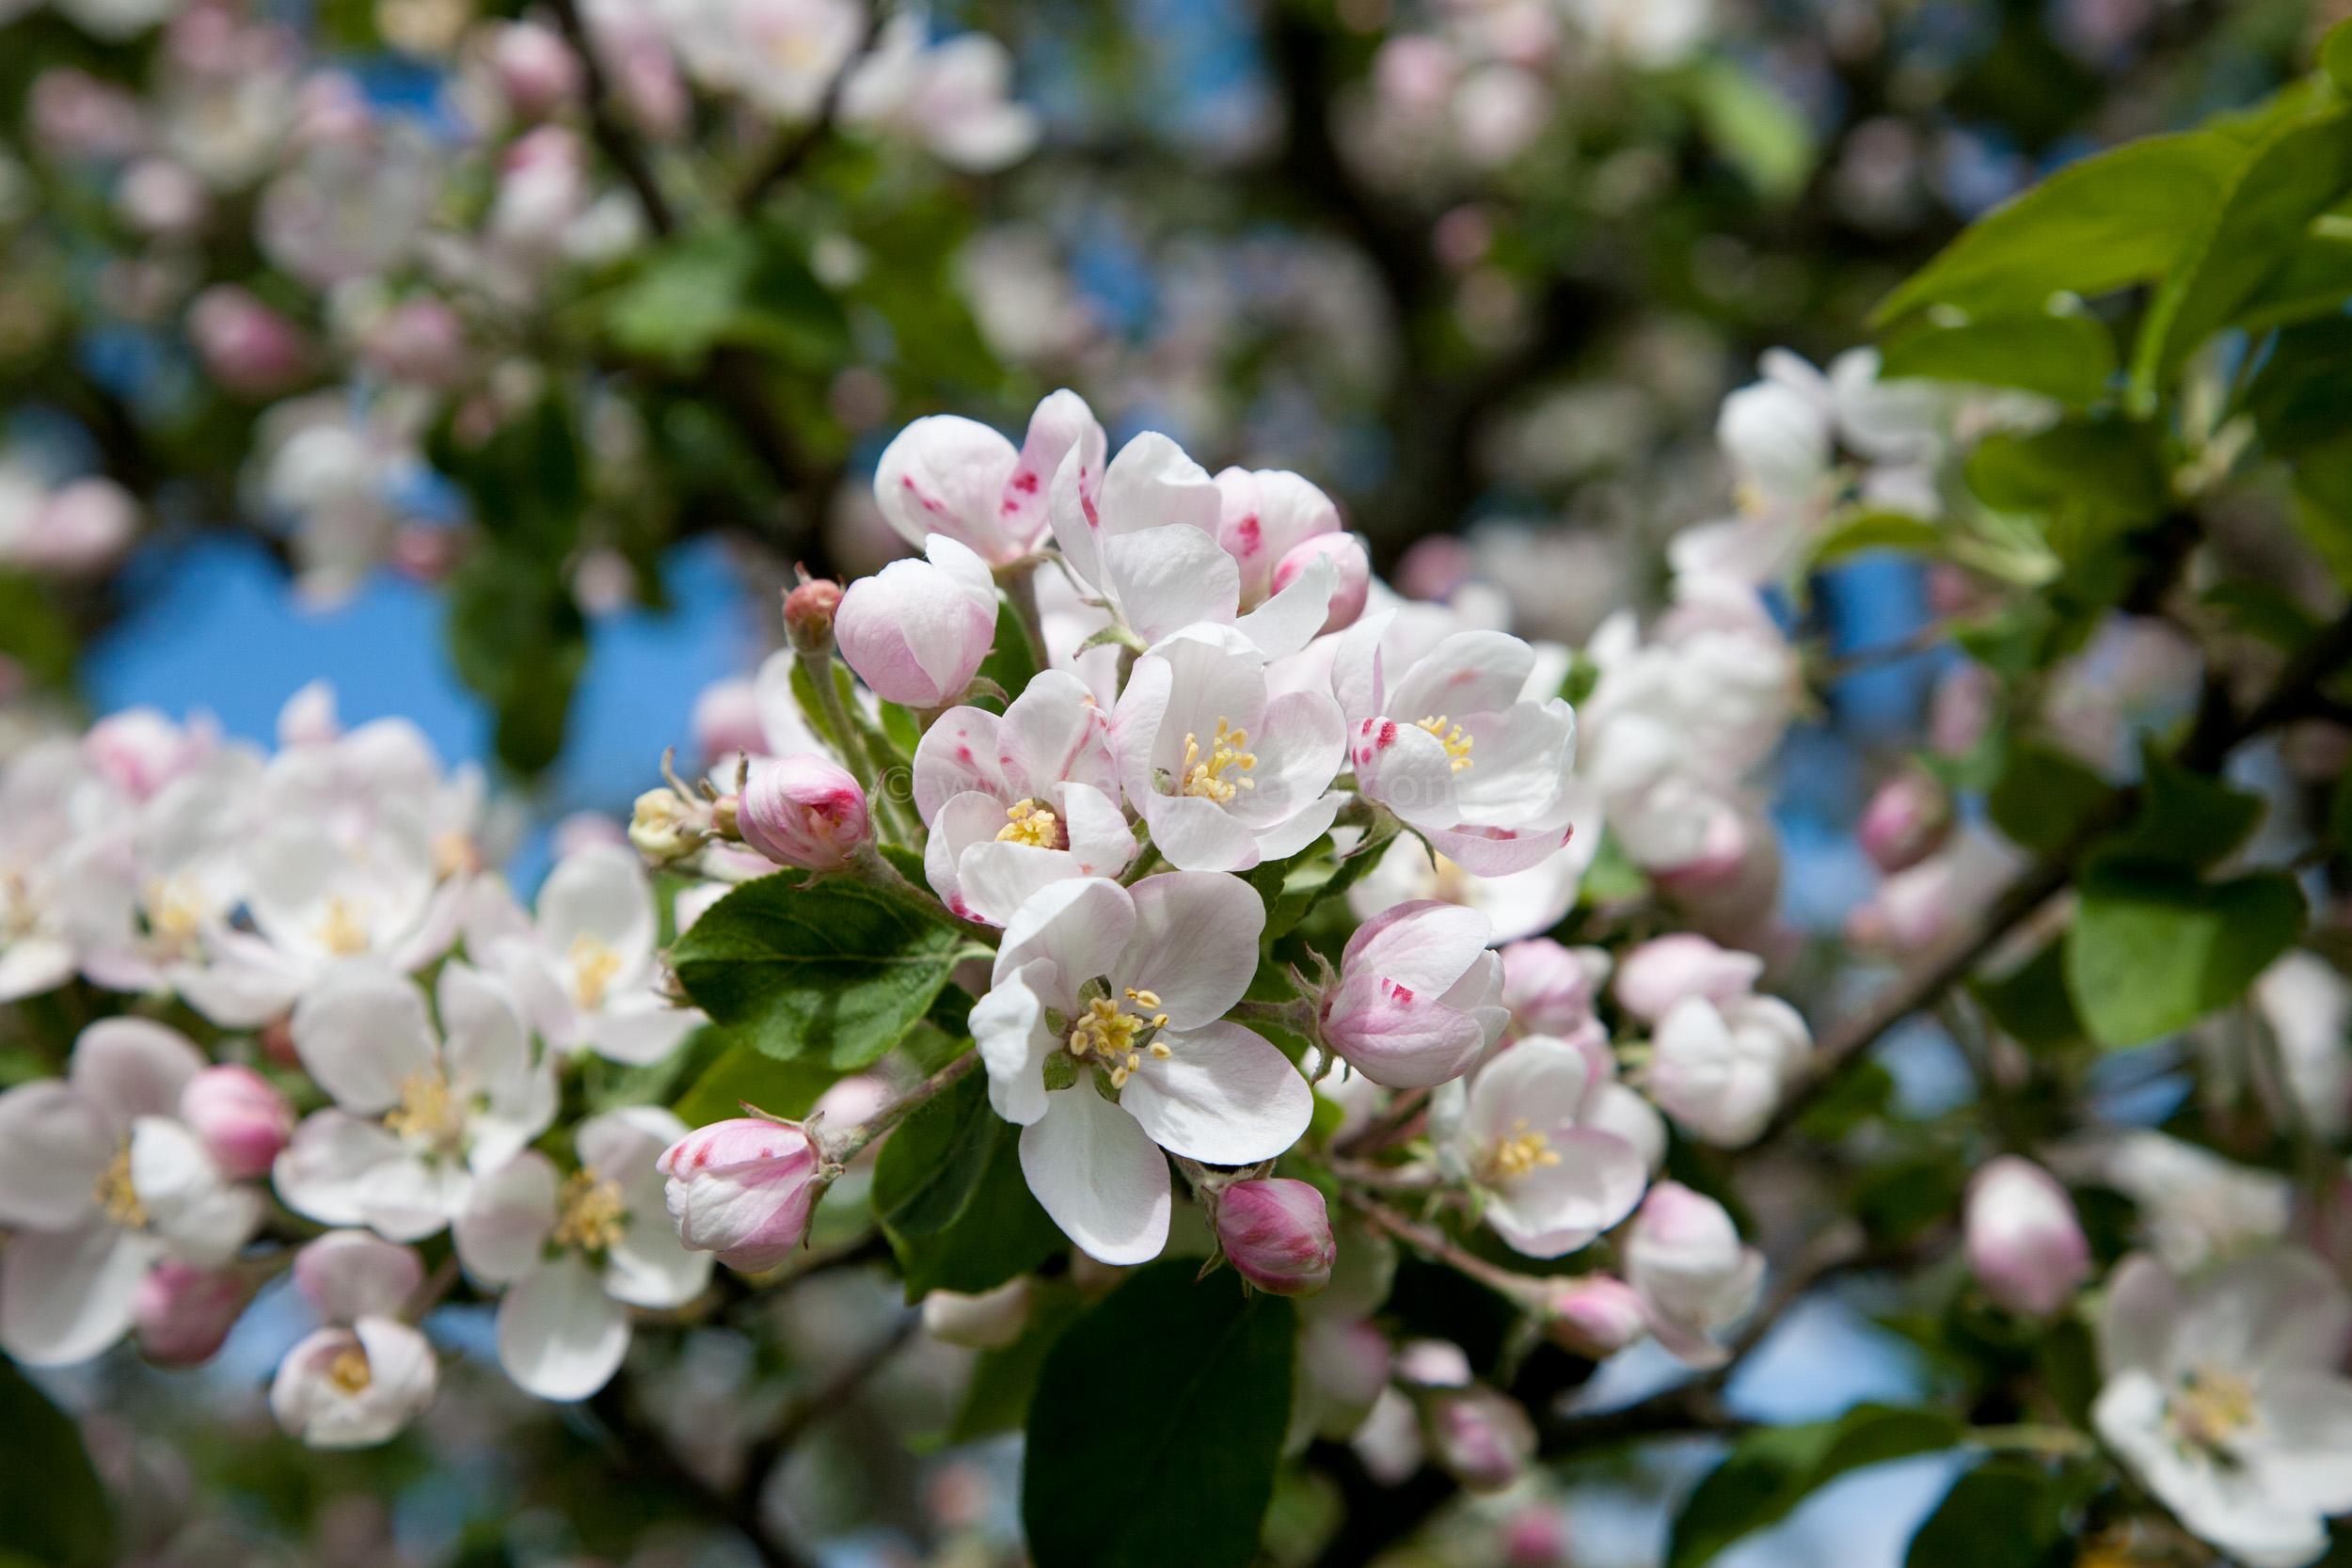 JE_73490, Blommande äppelblom, Jonas Engström